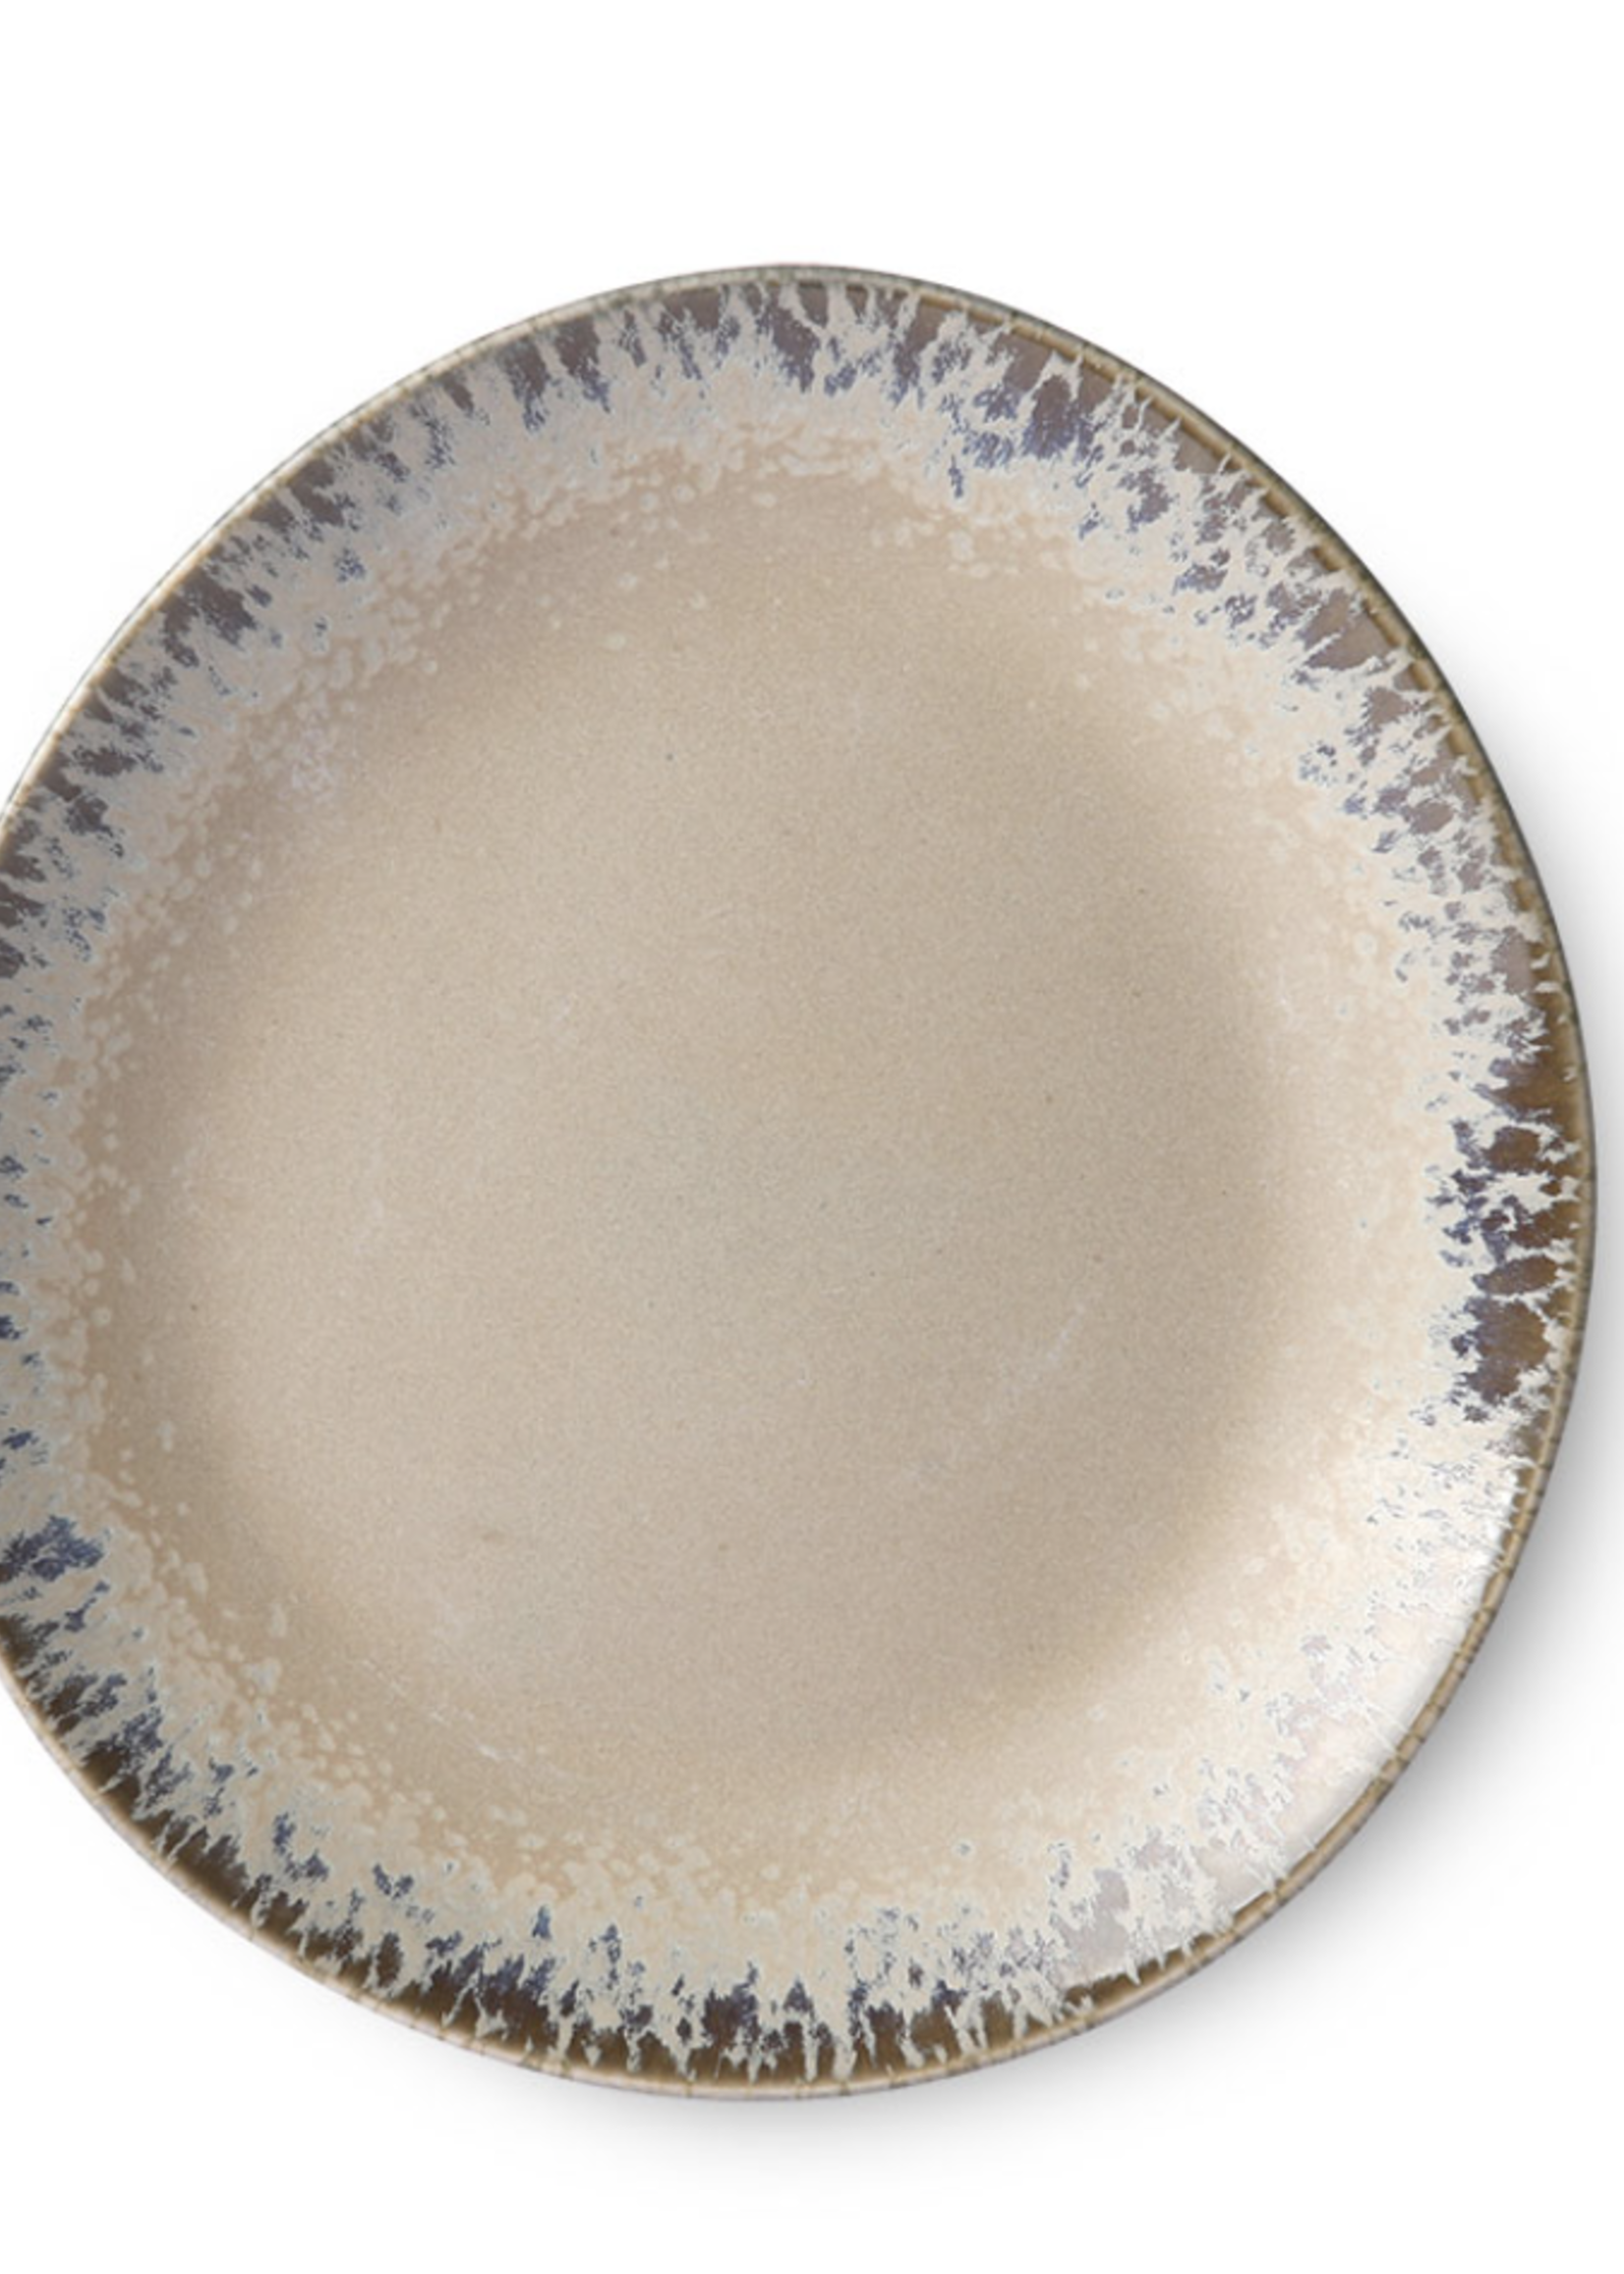 HKliving Side plate ceramic 70s bark